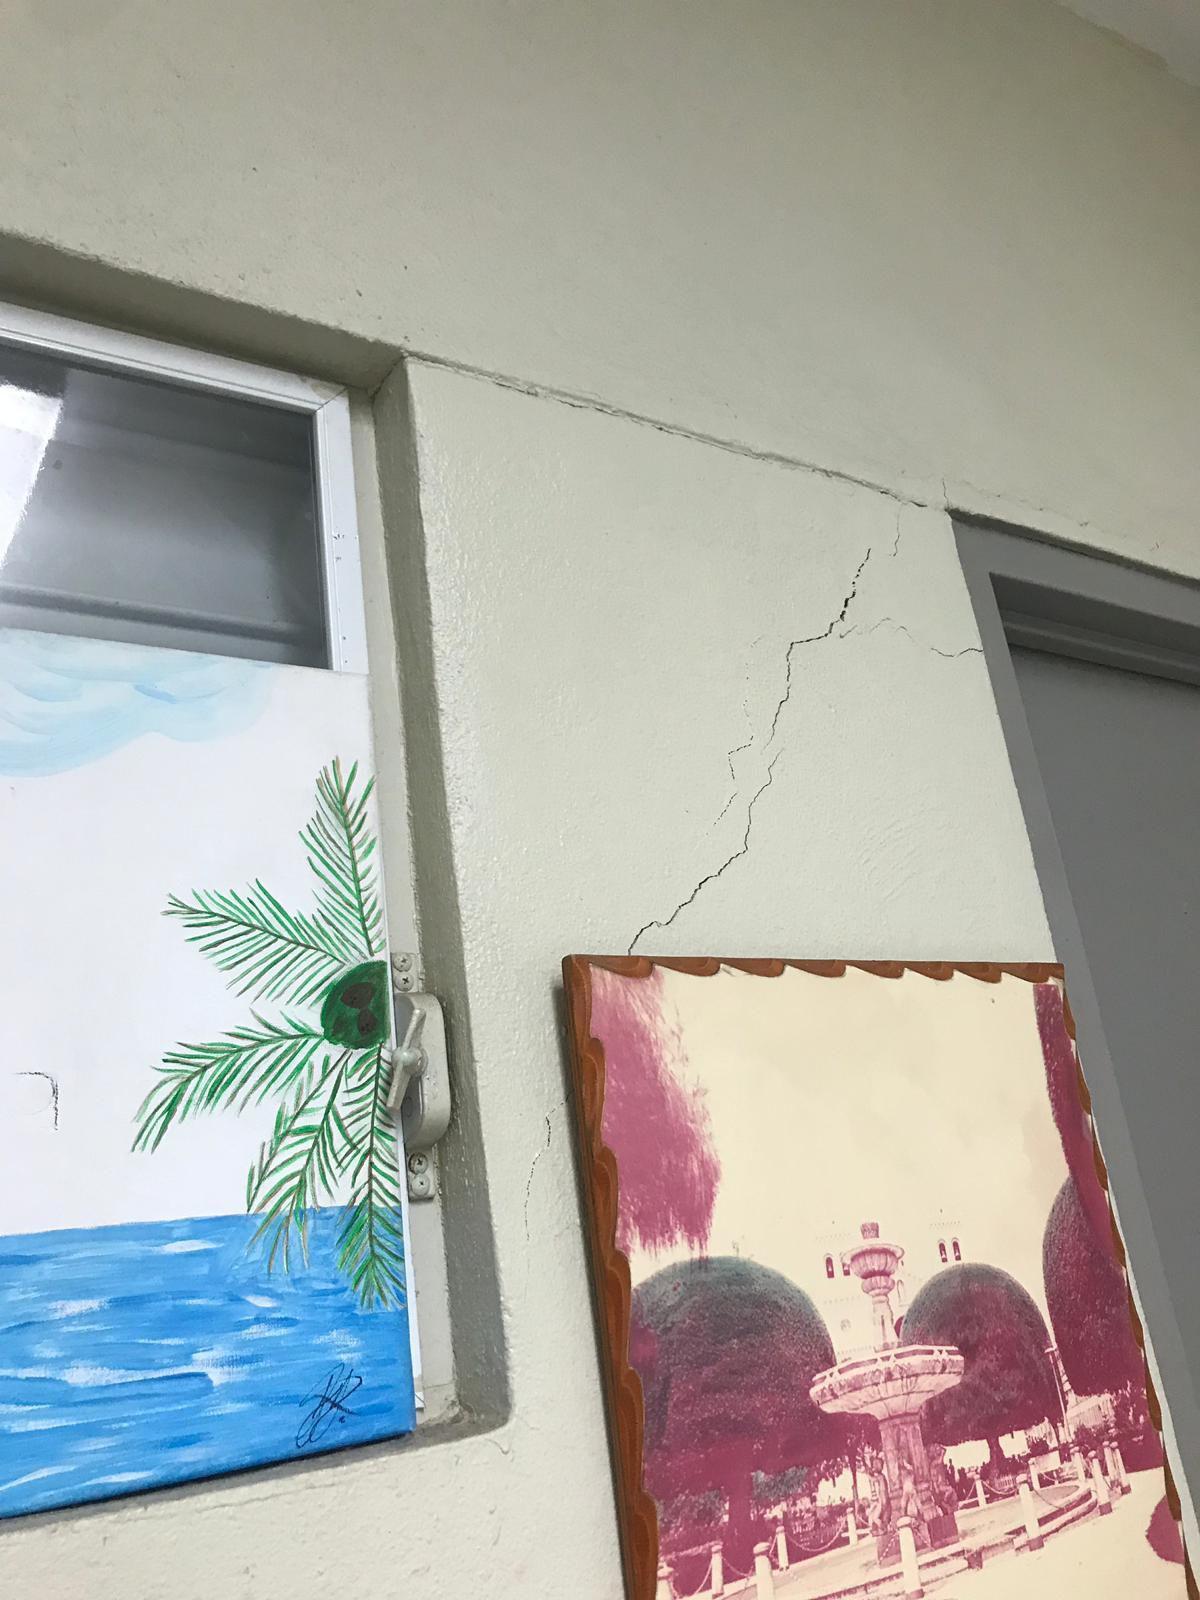 Escuela temblor